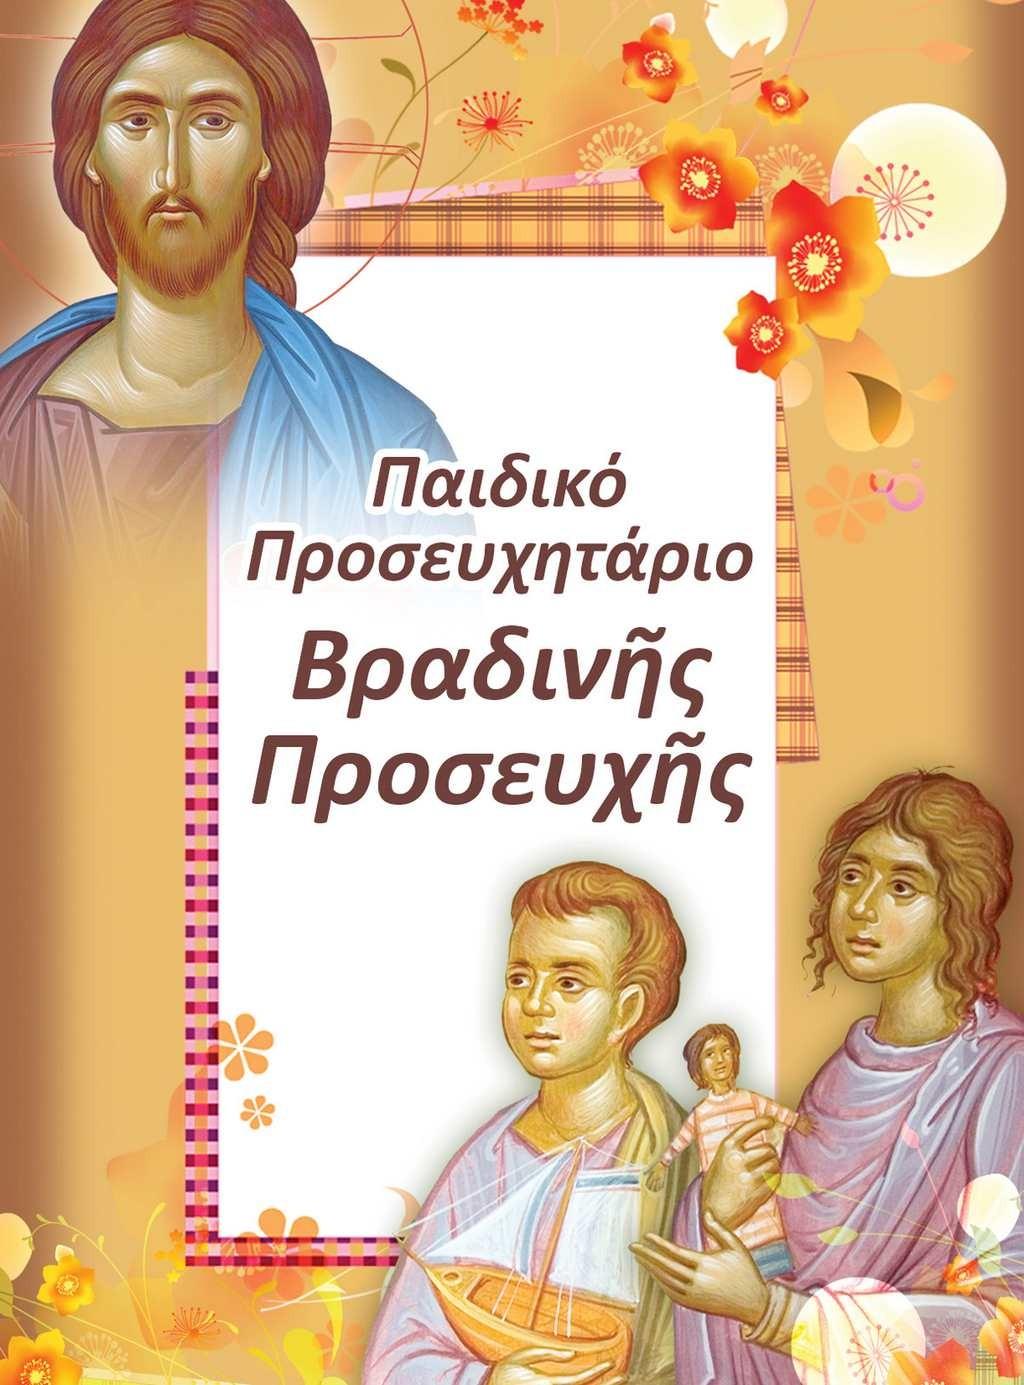 Προσευχητάρια ΠΑΙΔΙΚΟ ΠΡΟΣΕΥΧΗΤΑΡΙΟ ΒΡΑΔΙΝΗΣ ΠΡΟΣΕΥΧΗΣ